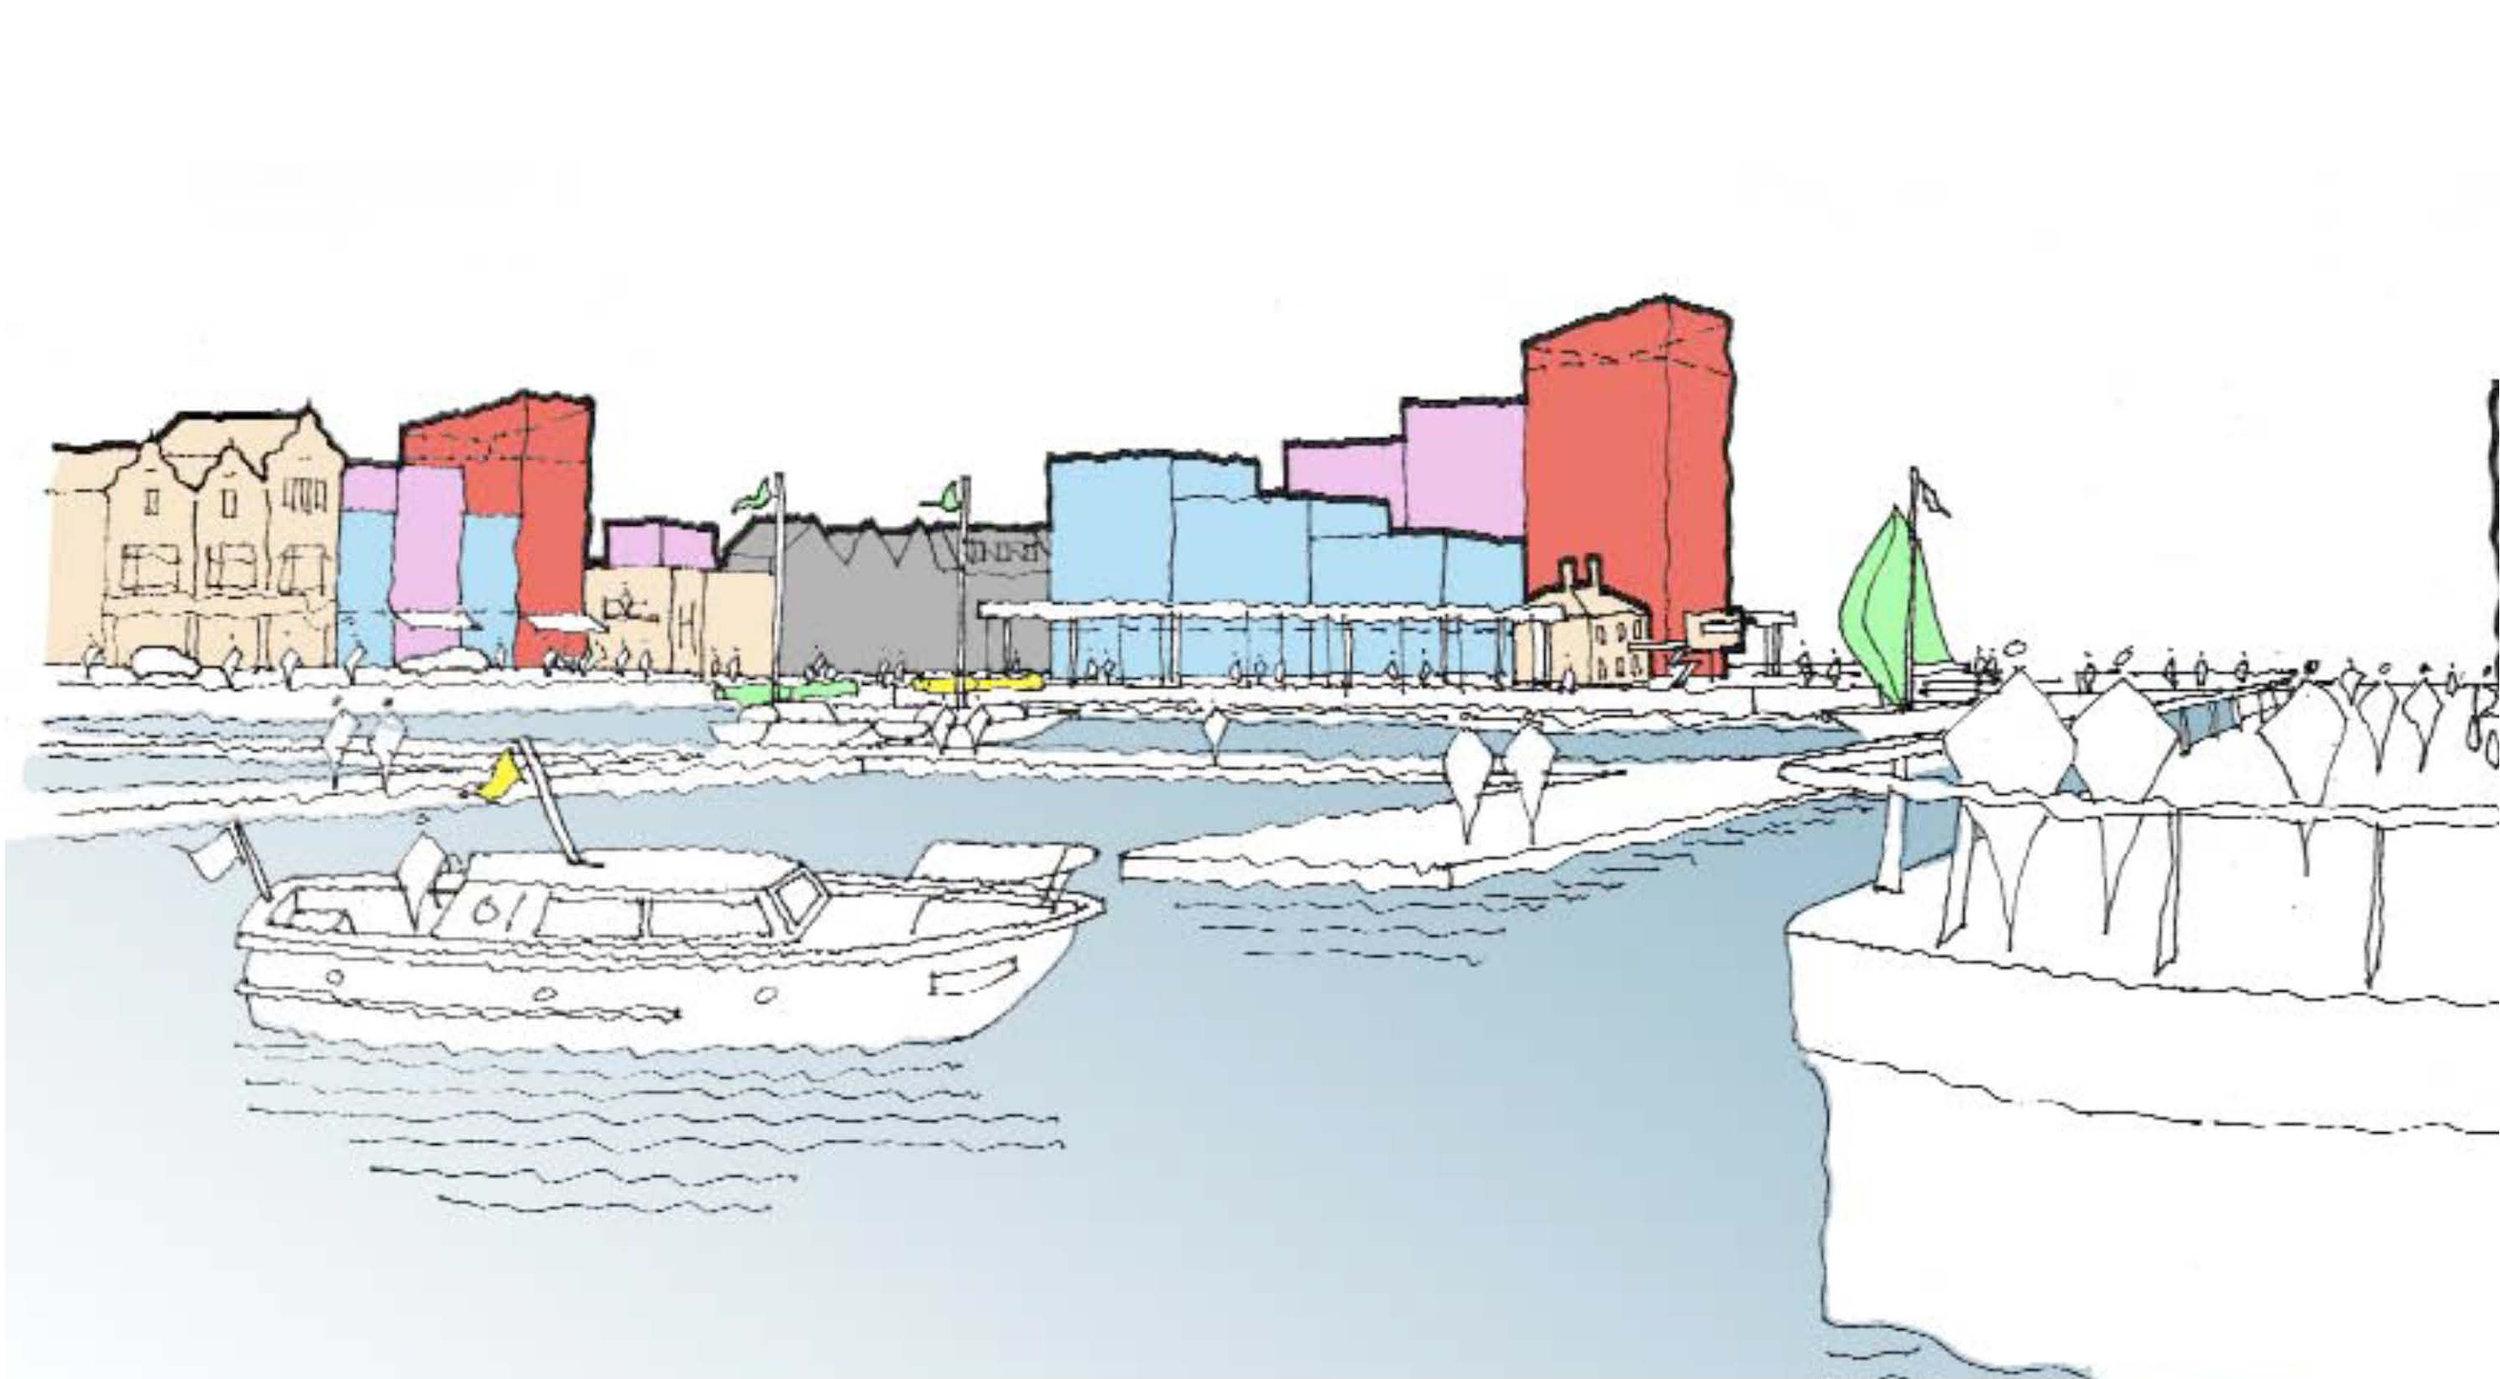 Hull Fruitmarket Quay sketch.jpg